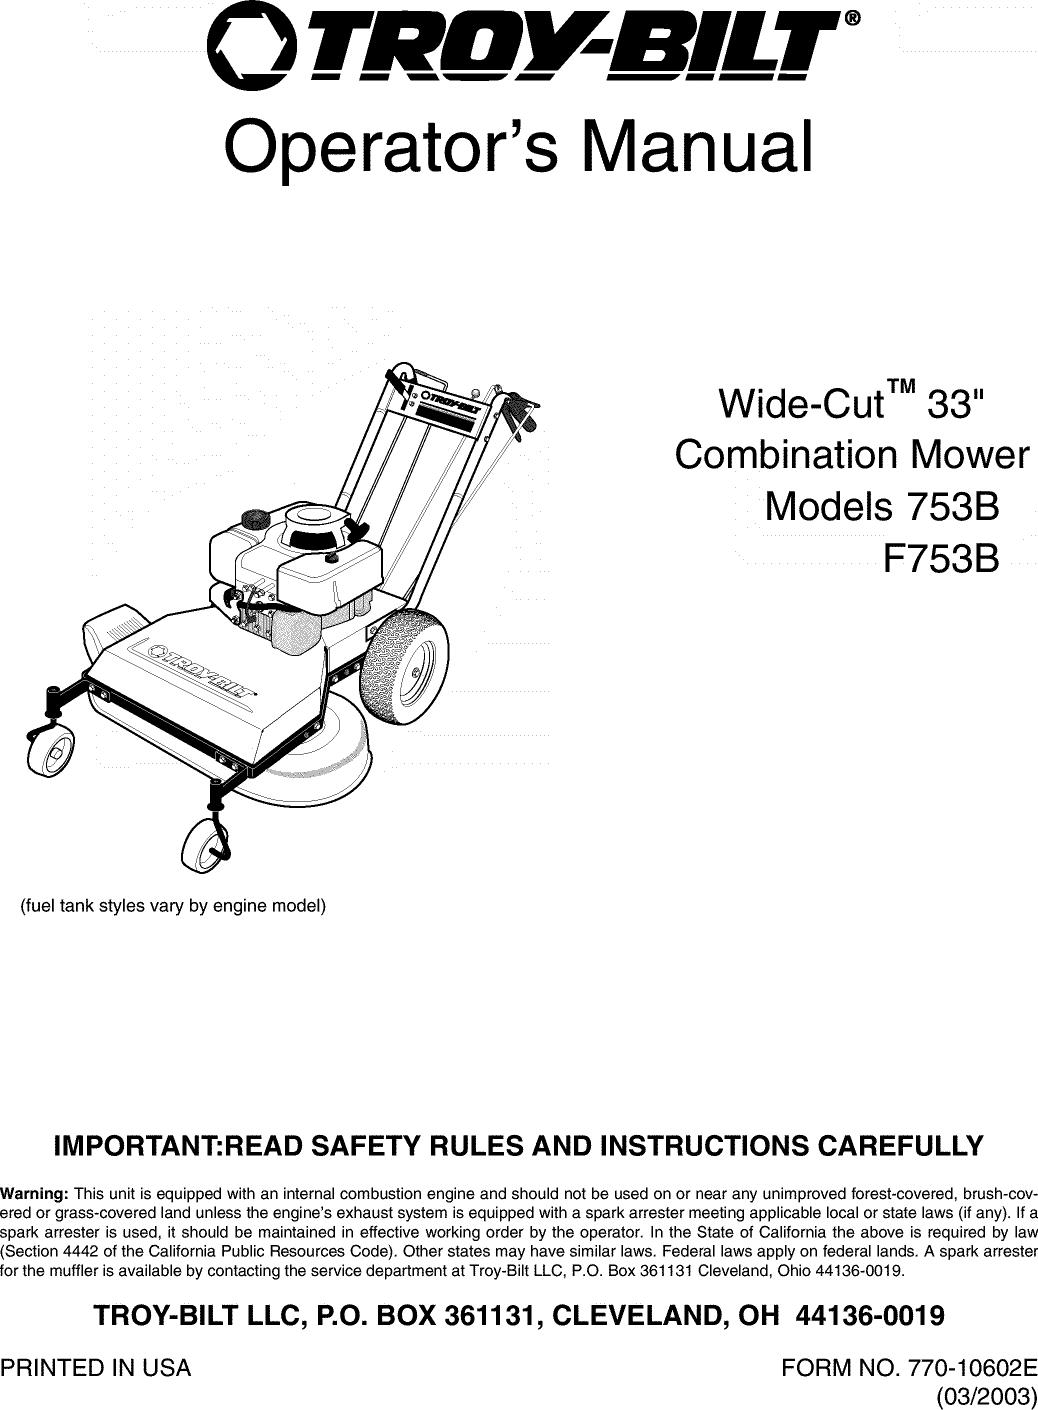 troy bilt engine diagram troybilt 12af753b063 user manual mower manuals and guides l0404261 troy bilt 208cc engine diagram troybilt 12af753b063 user manual mower